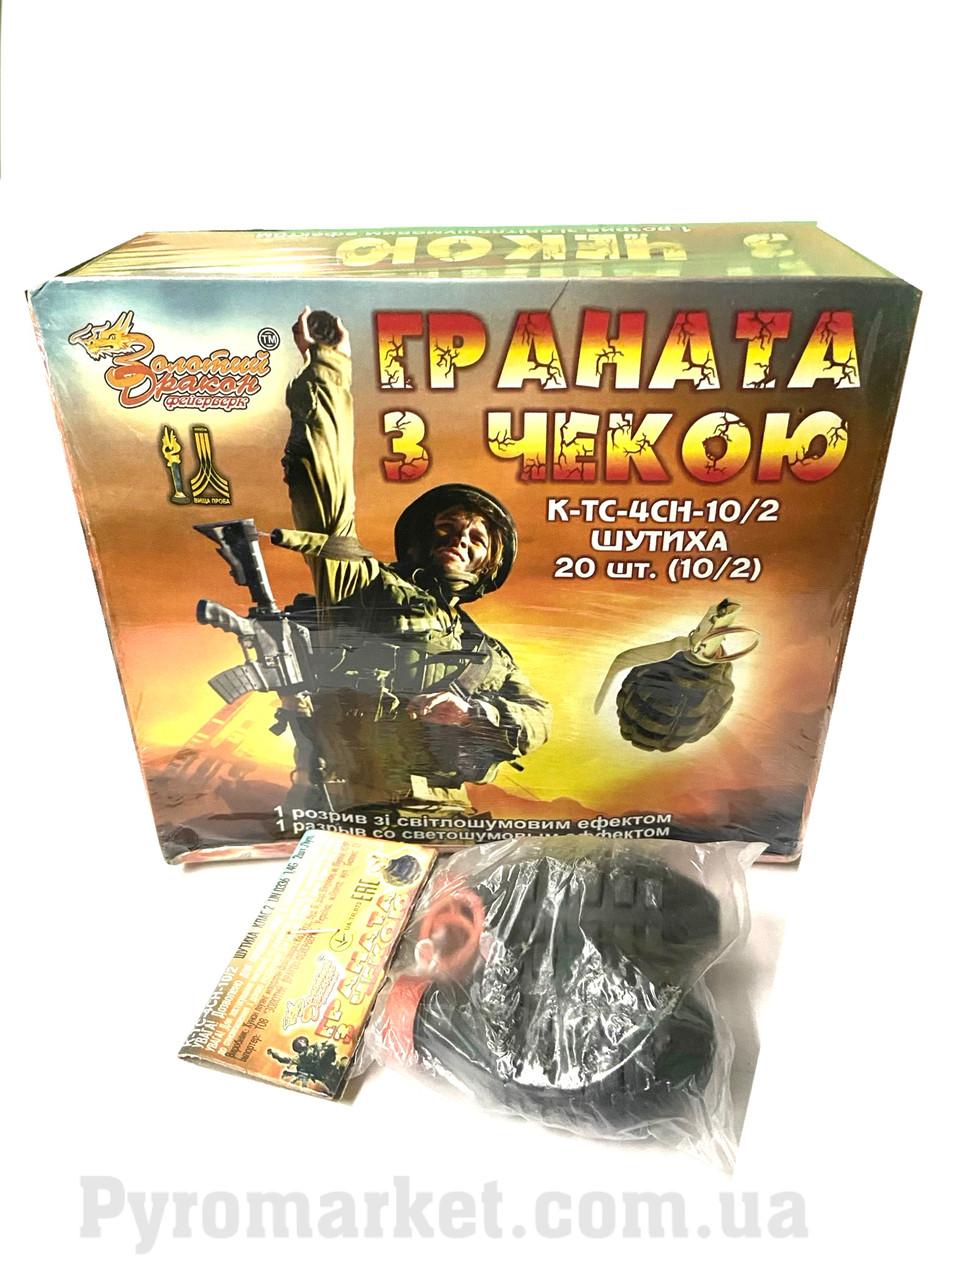 Петарды Граната с чекой K-TC-4CH Золотой Дракон, 20 шт/уп